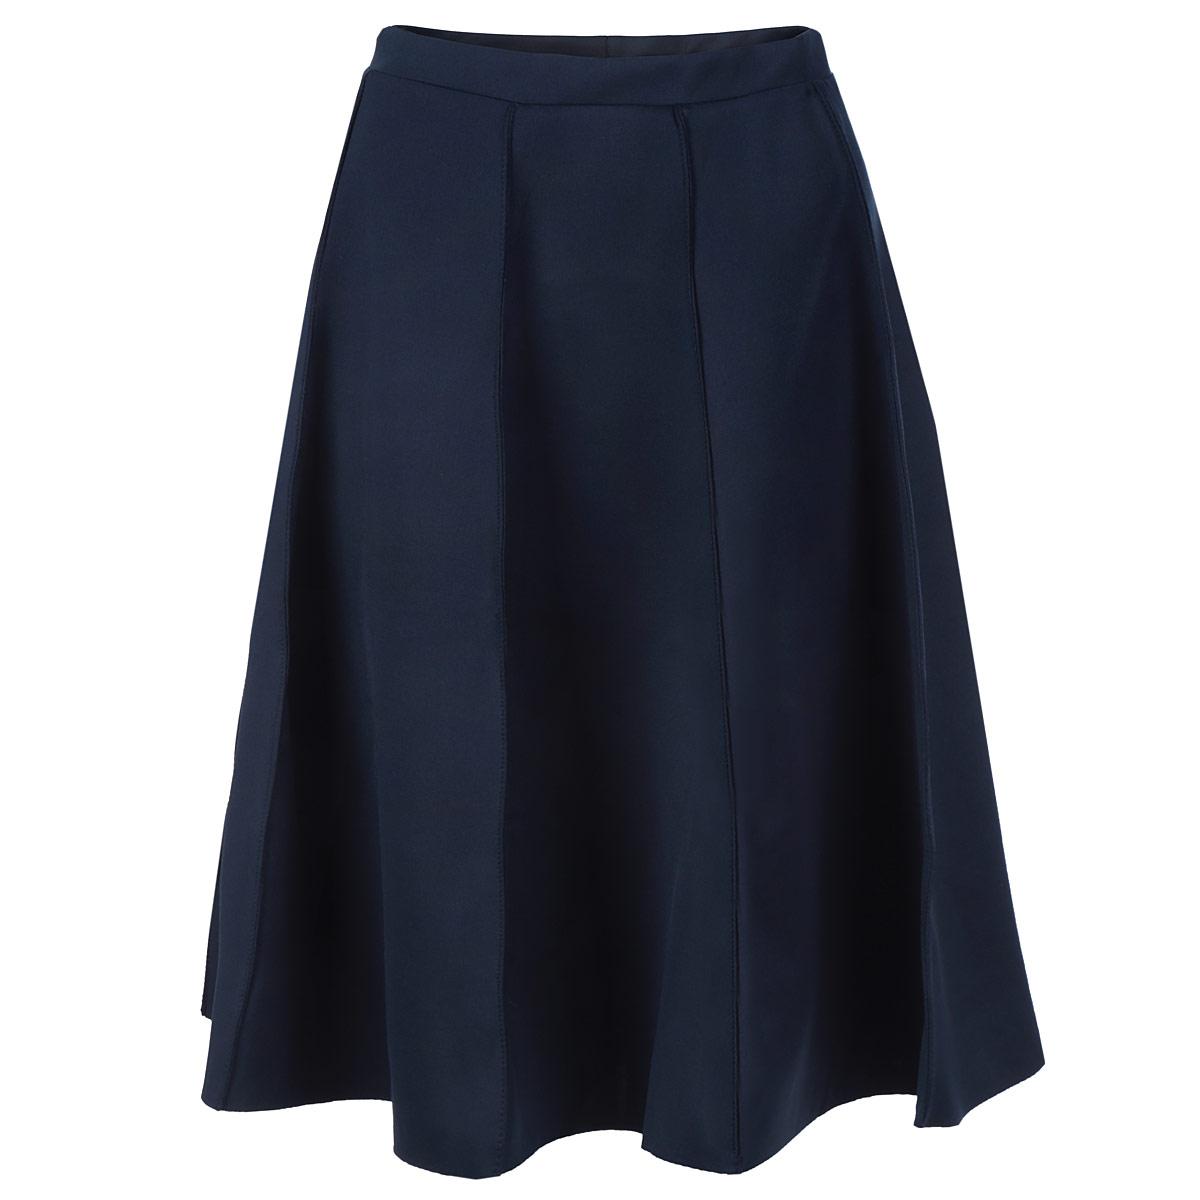 SSD0783GRСтильная юбка Top Secret длины миди изготовлена из плотного полиэстера. Юбка расклешенного кроя. На поясе - эластичная резинка. Эта модная и в тоже время комфортная юбка - отличный вариант на каждый день.